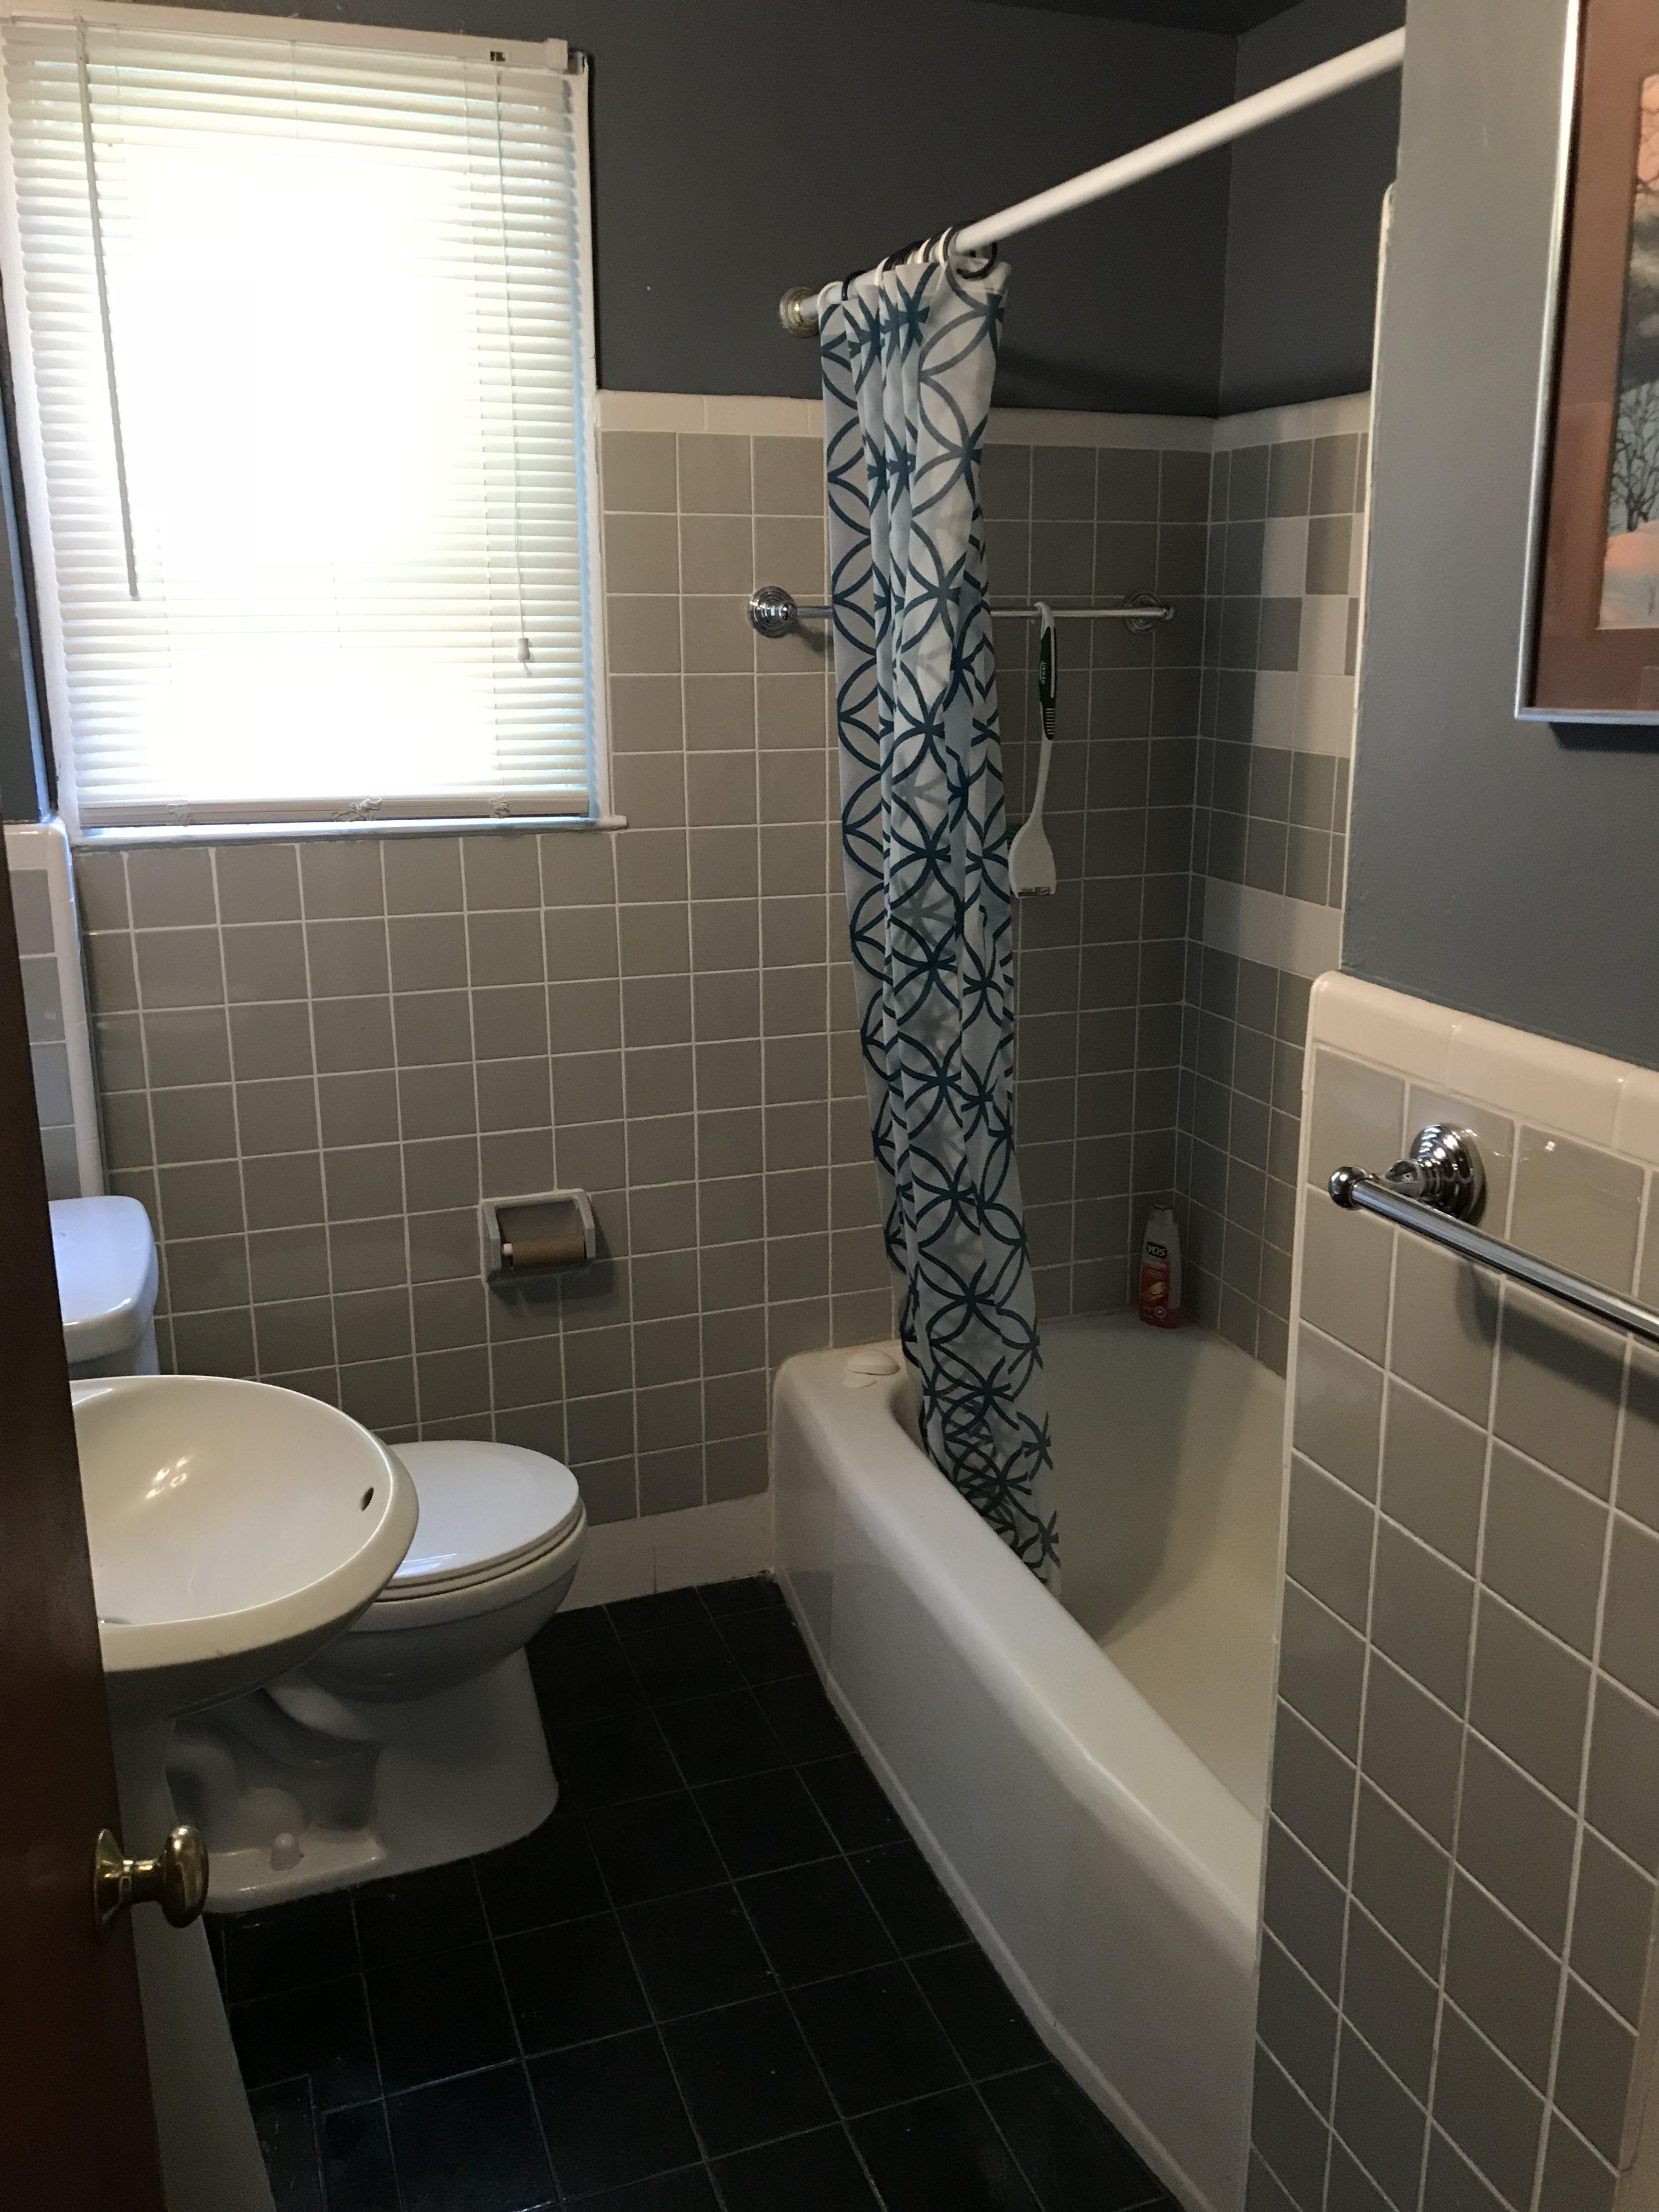 251 Blanchard bathroom